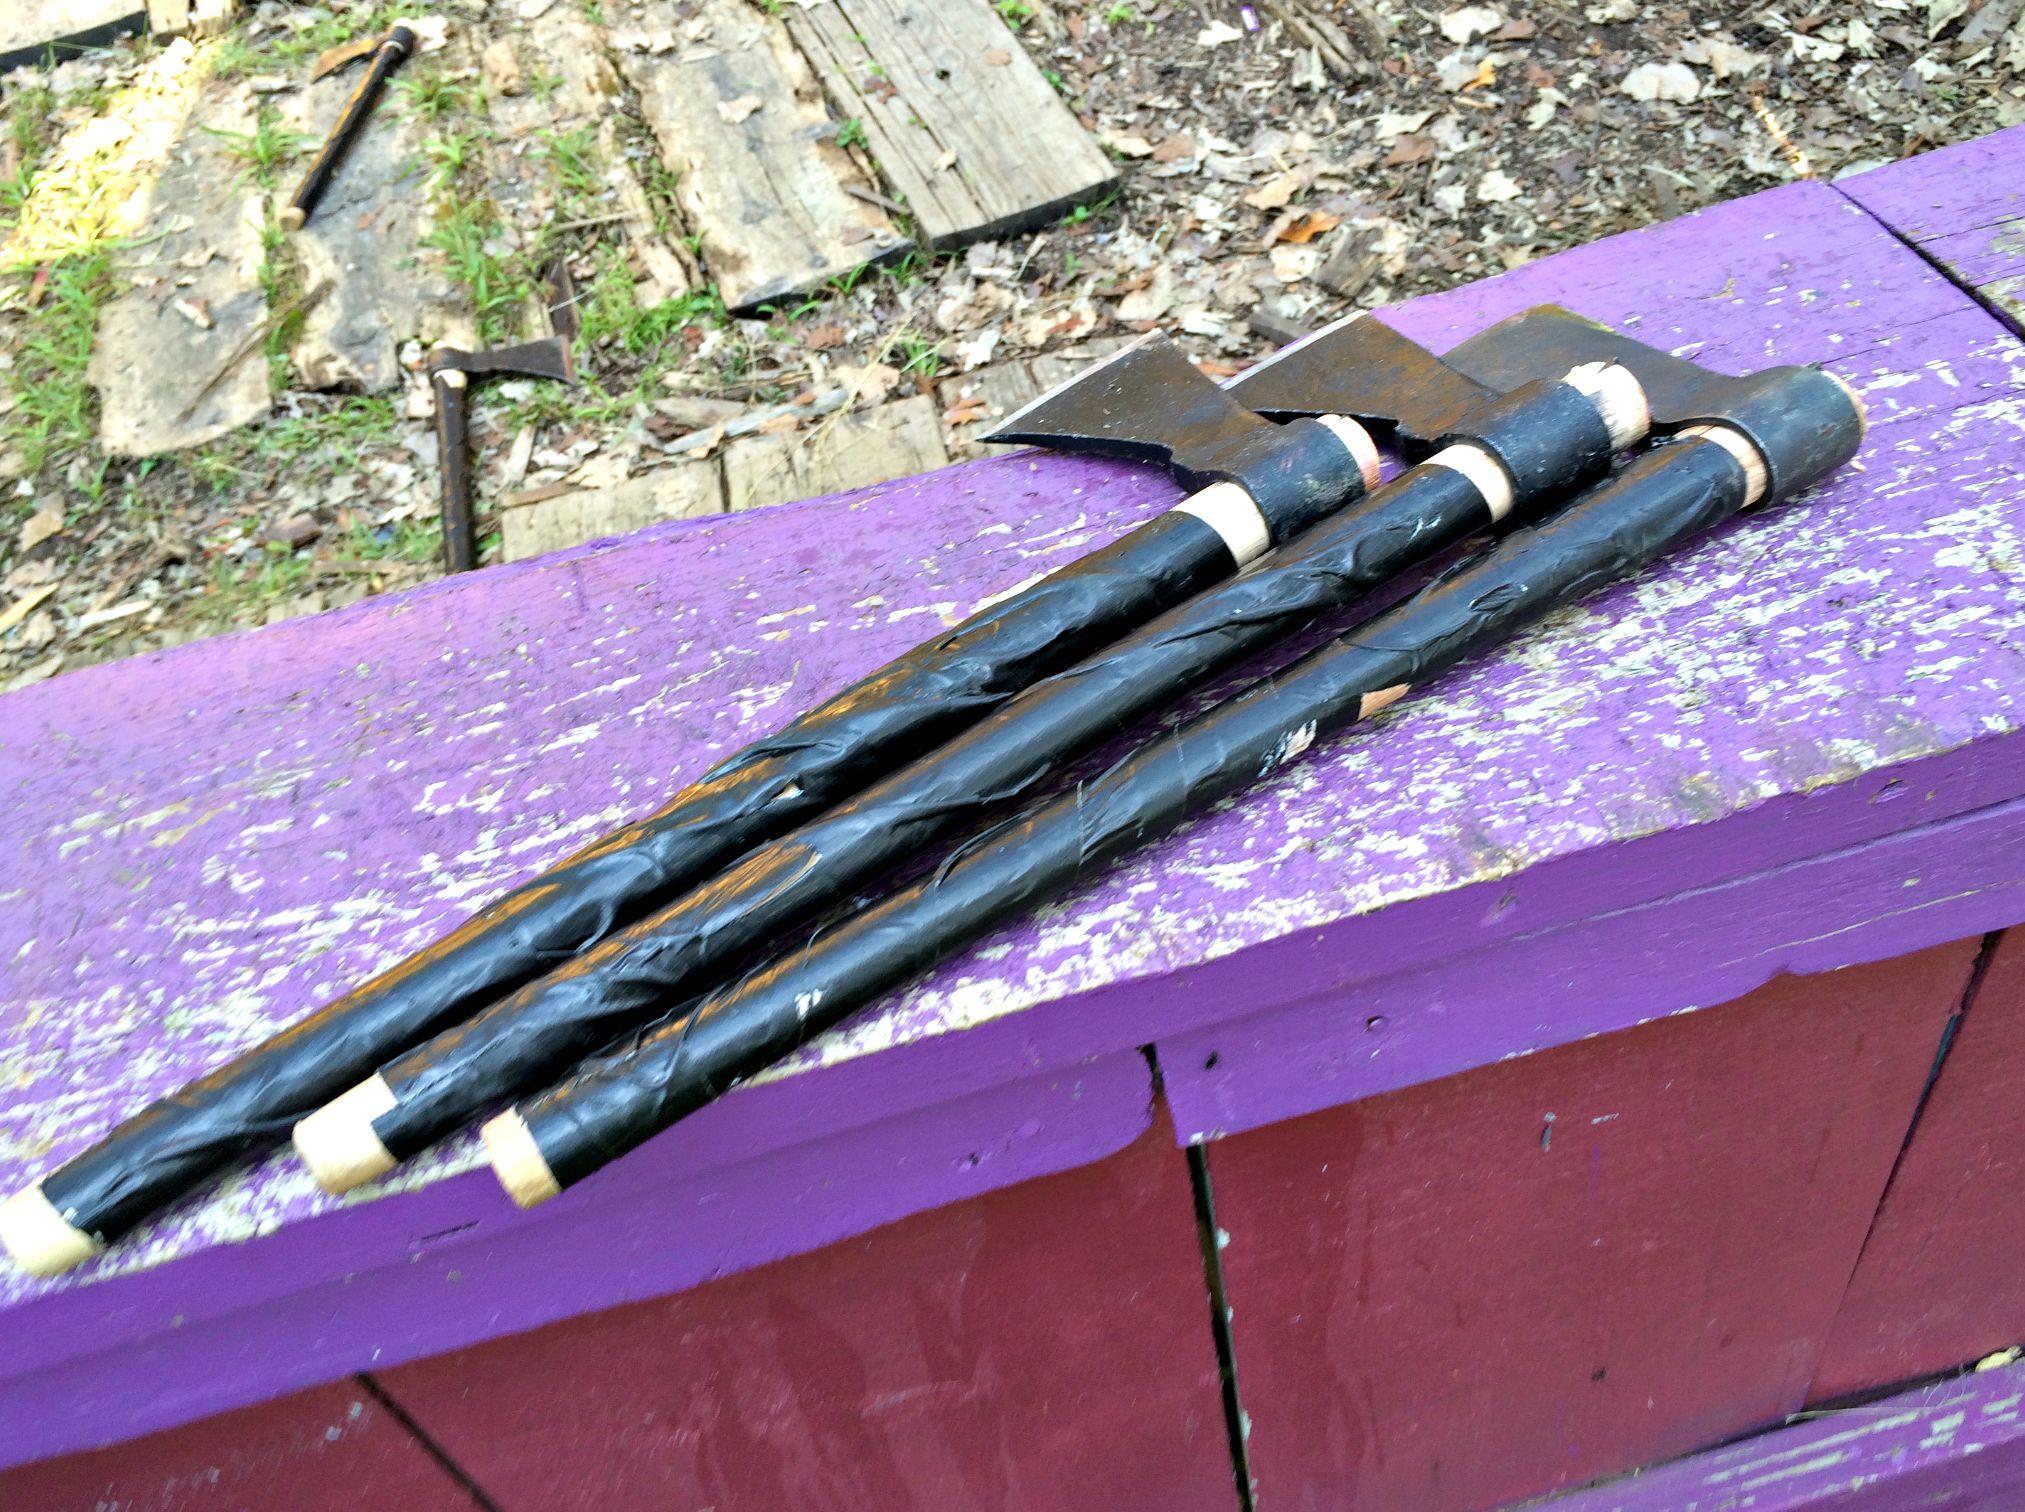 Renaissance Festival throwing axes